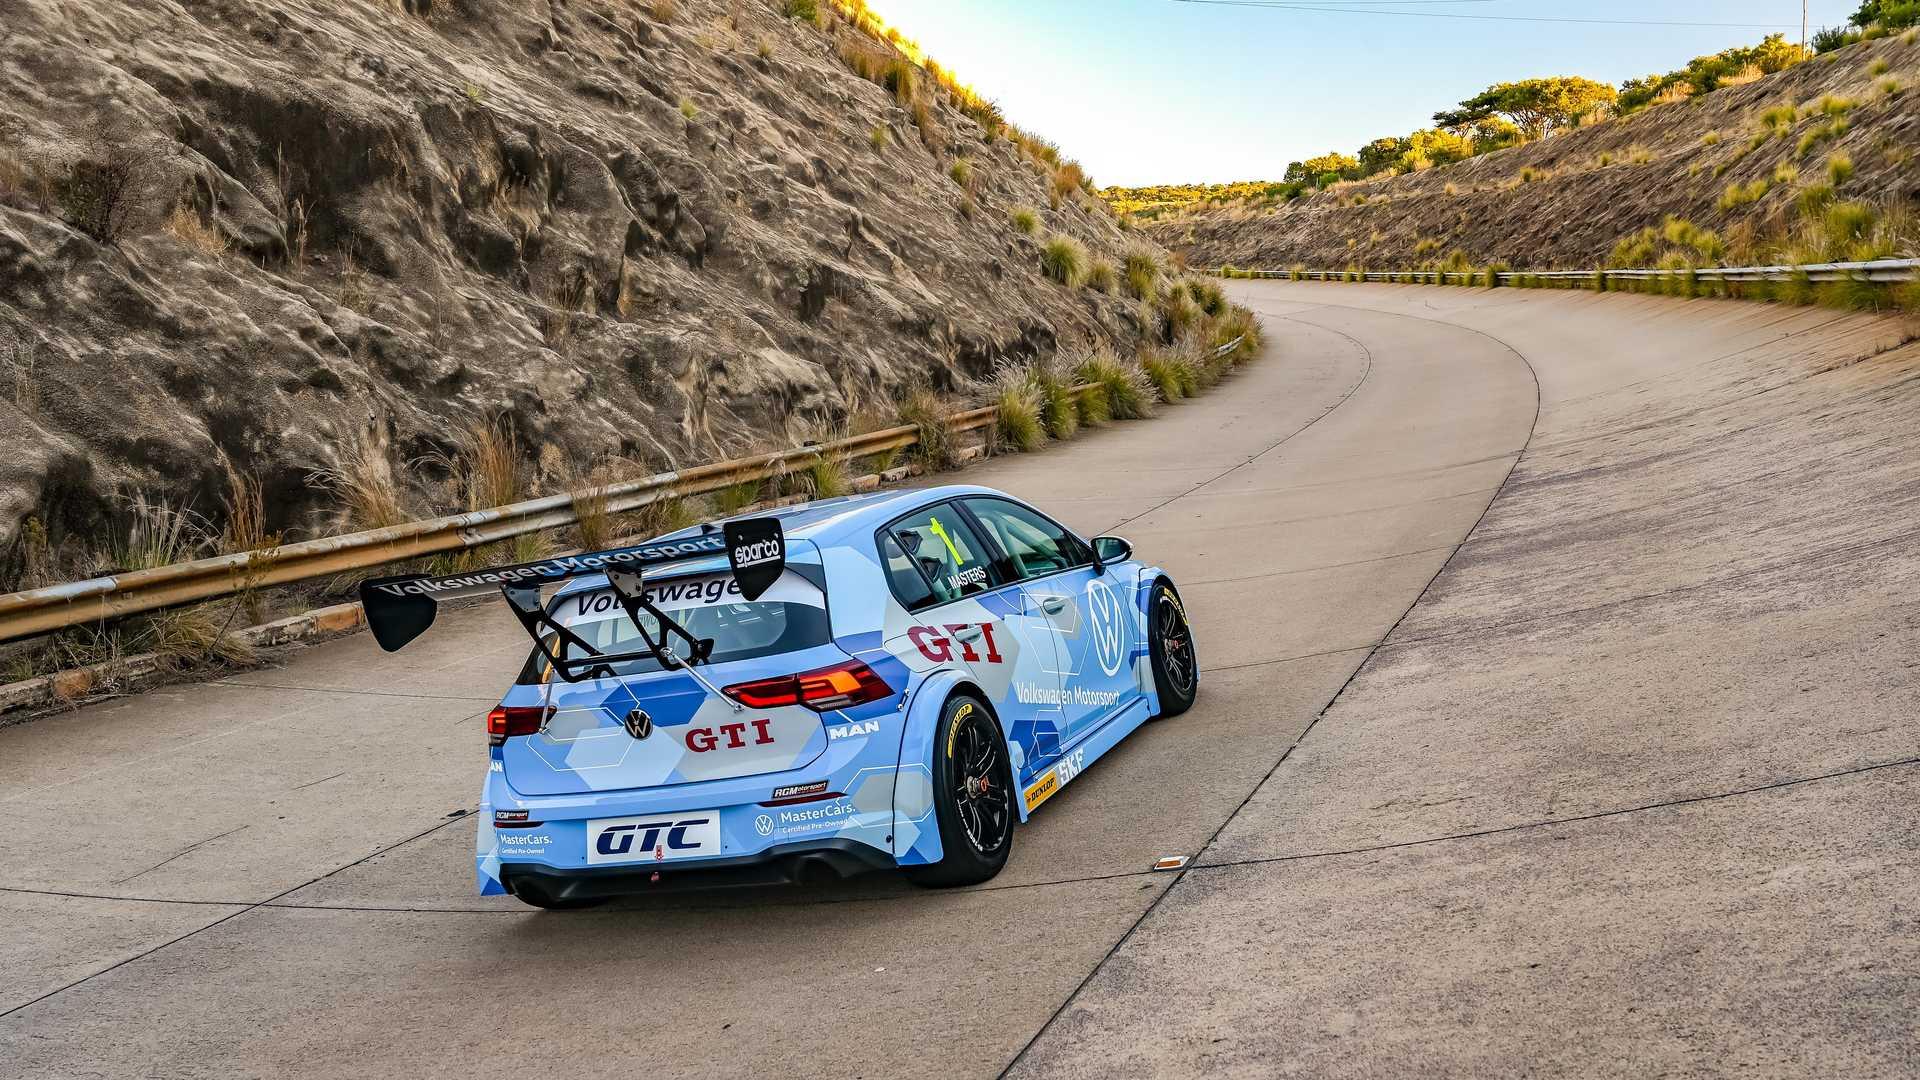 Volkswagen-GTI-GTC-Race-Car-3